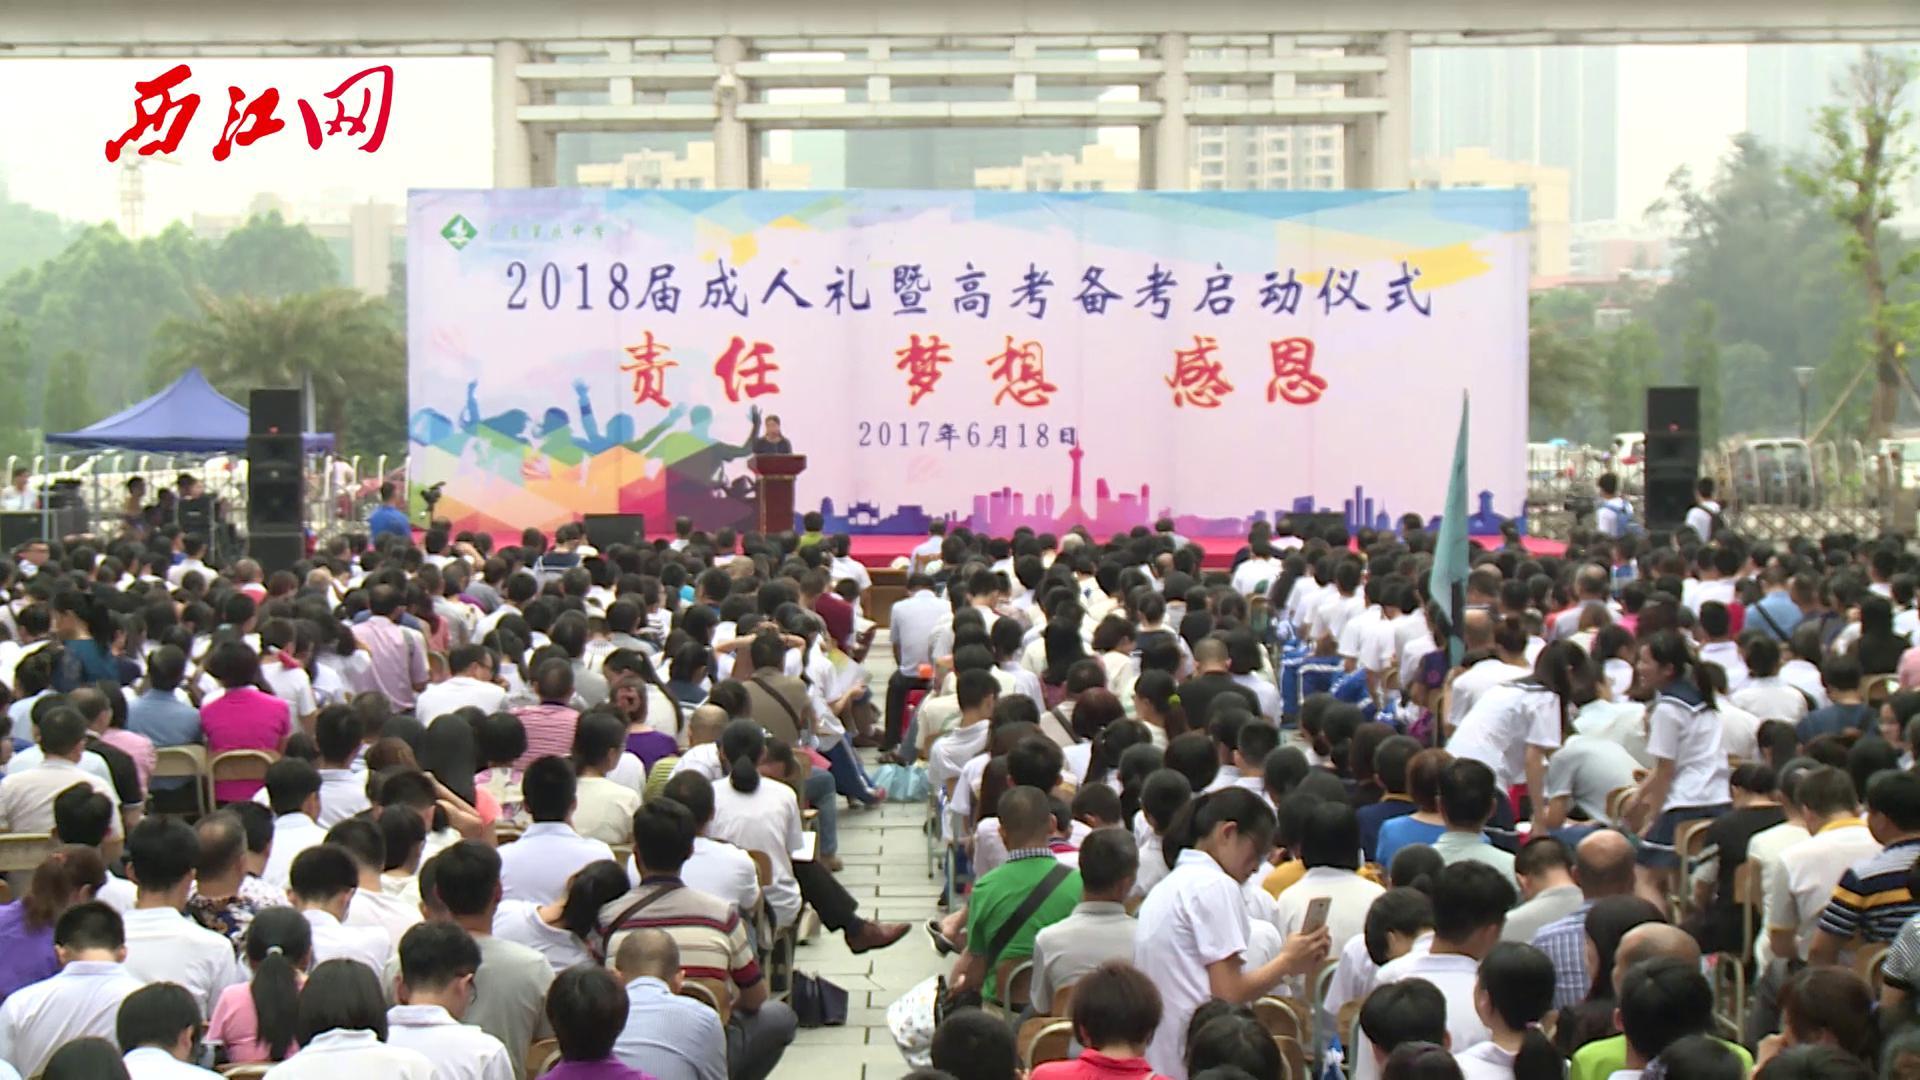 广东肇庆中学举行2018届成人礼暨高考备考启动仪式